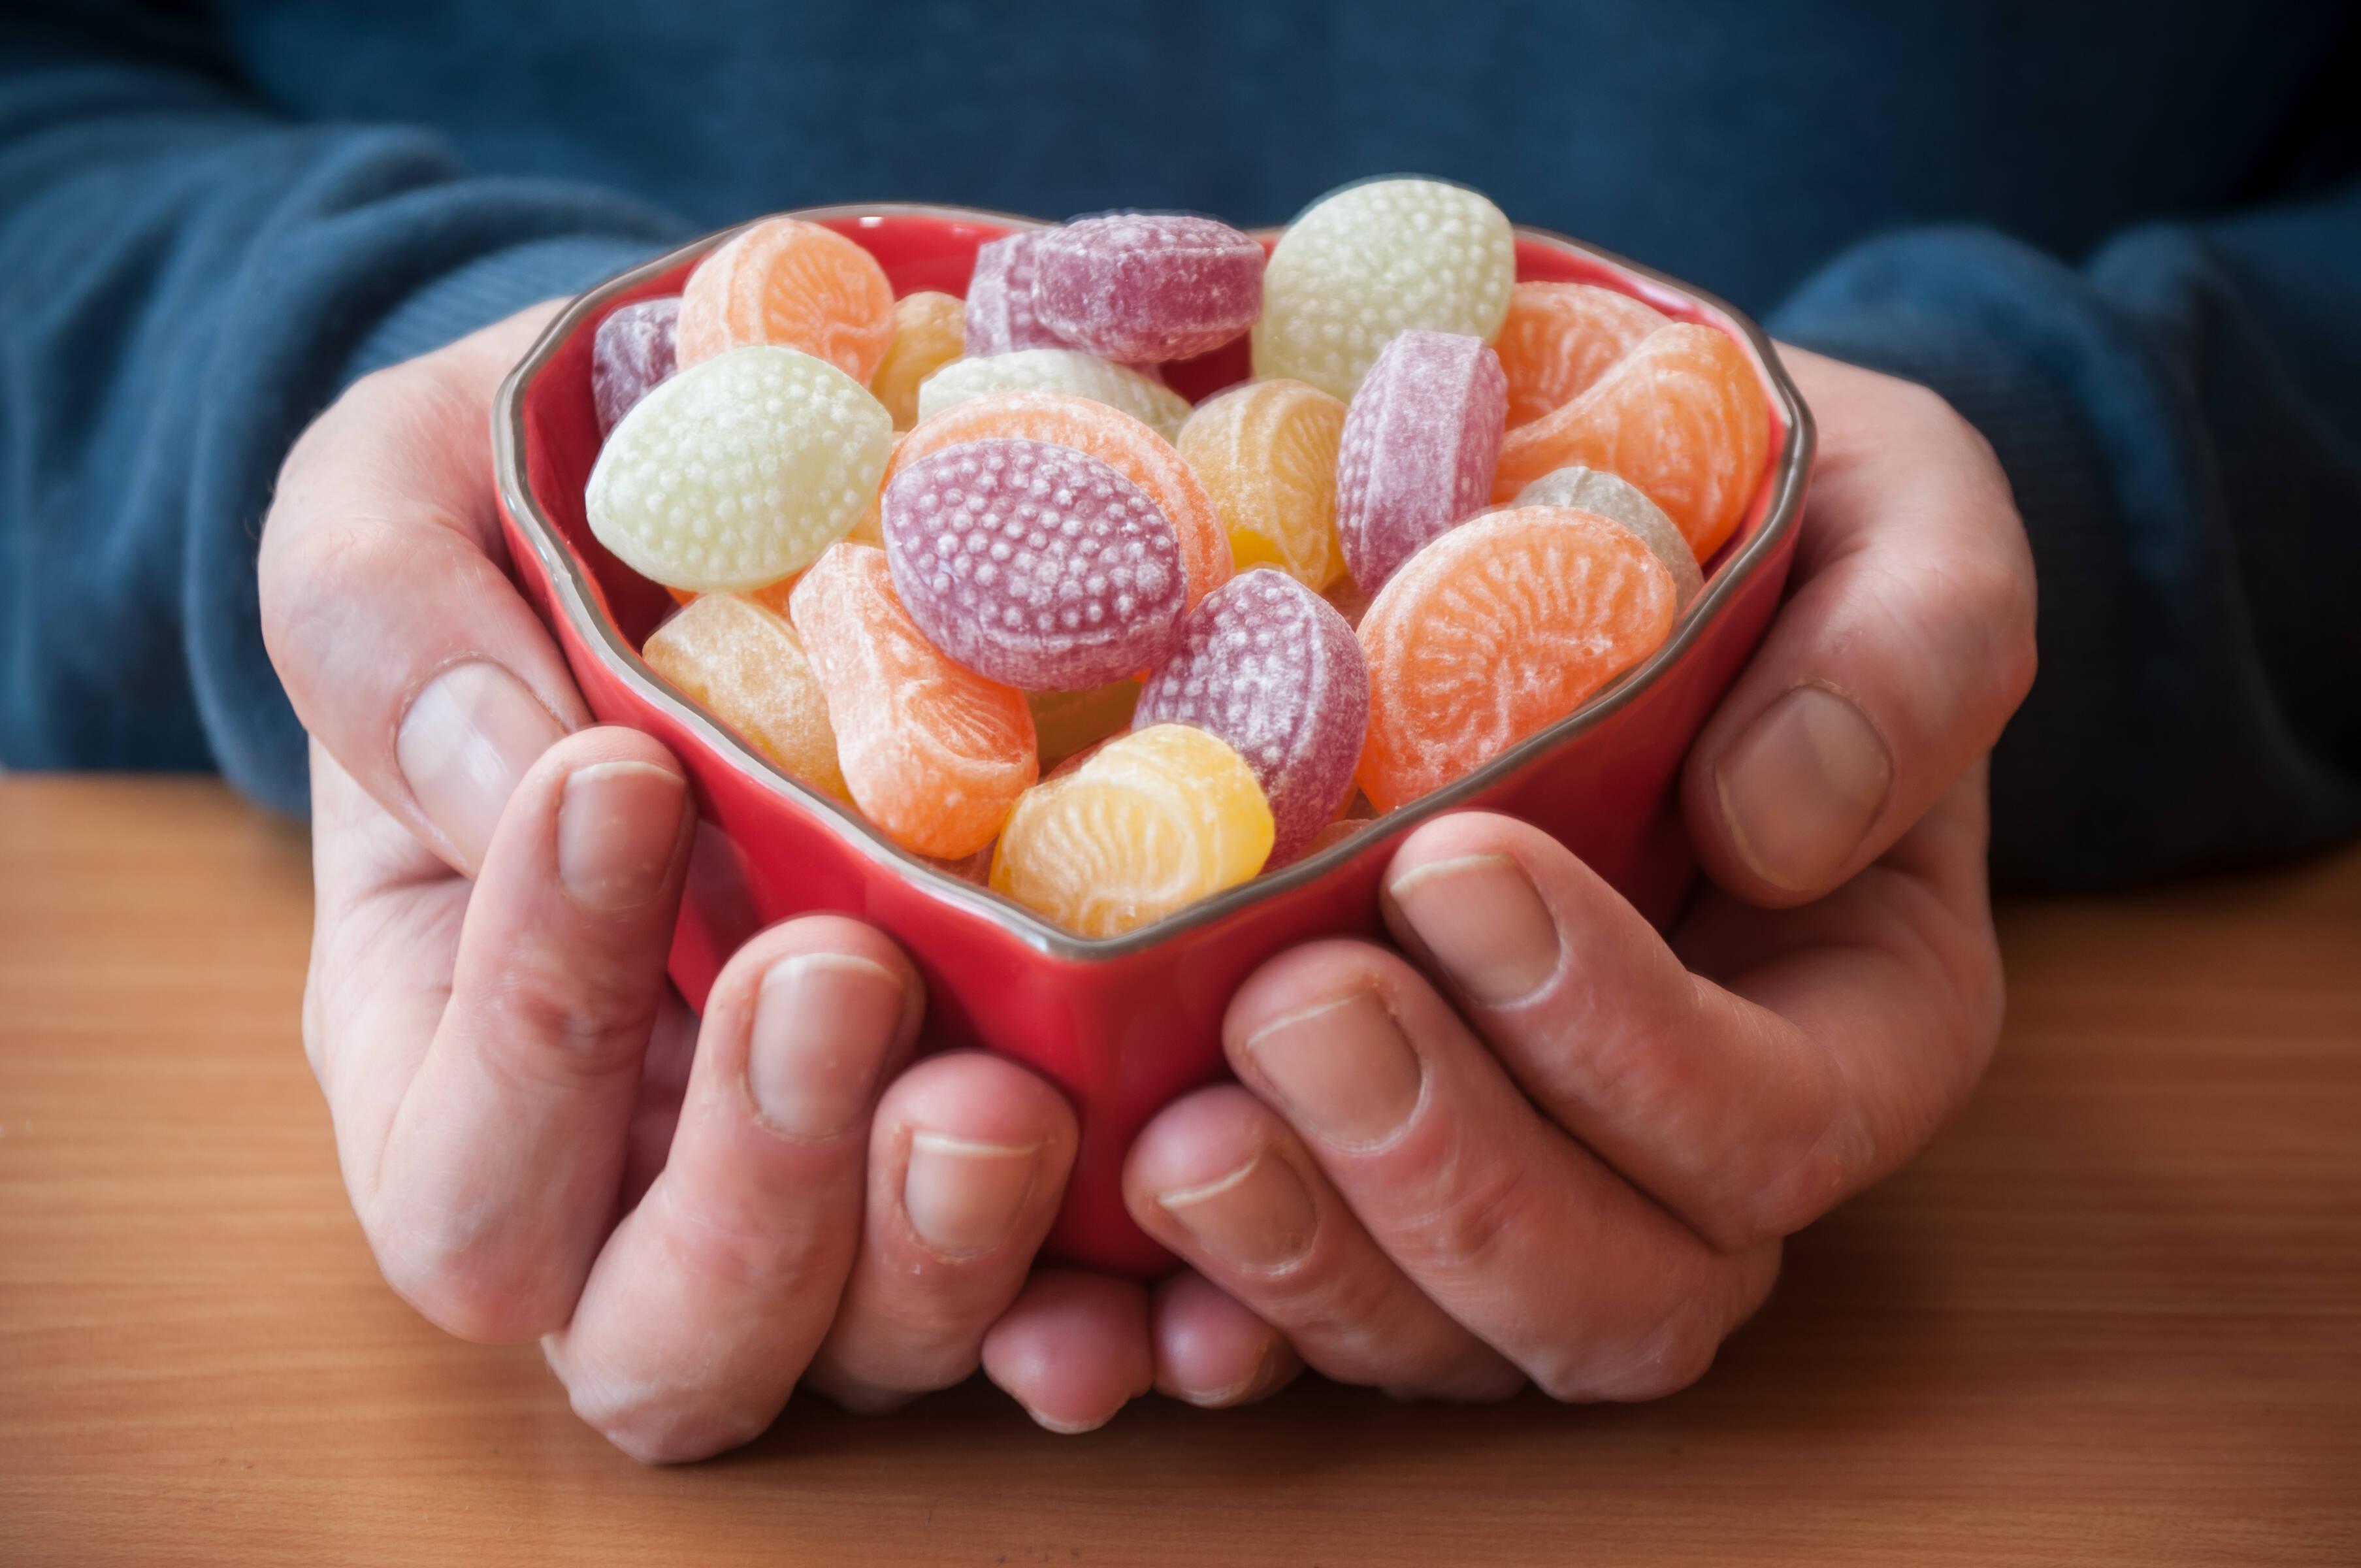 Açúcar, principalmente a versão refinada, deve ser evitado. Foto: shutterstock